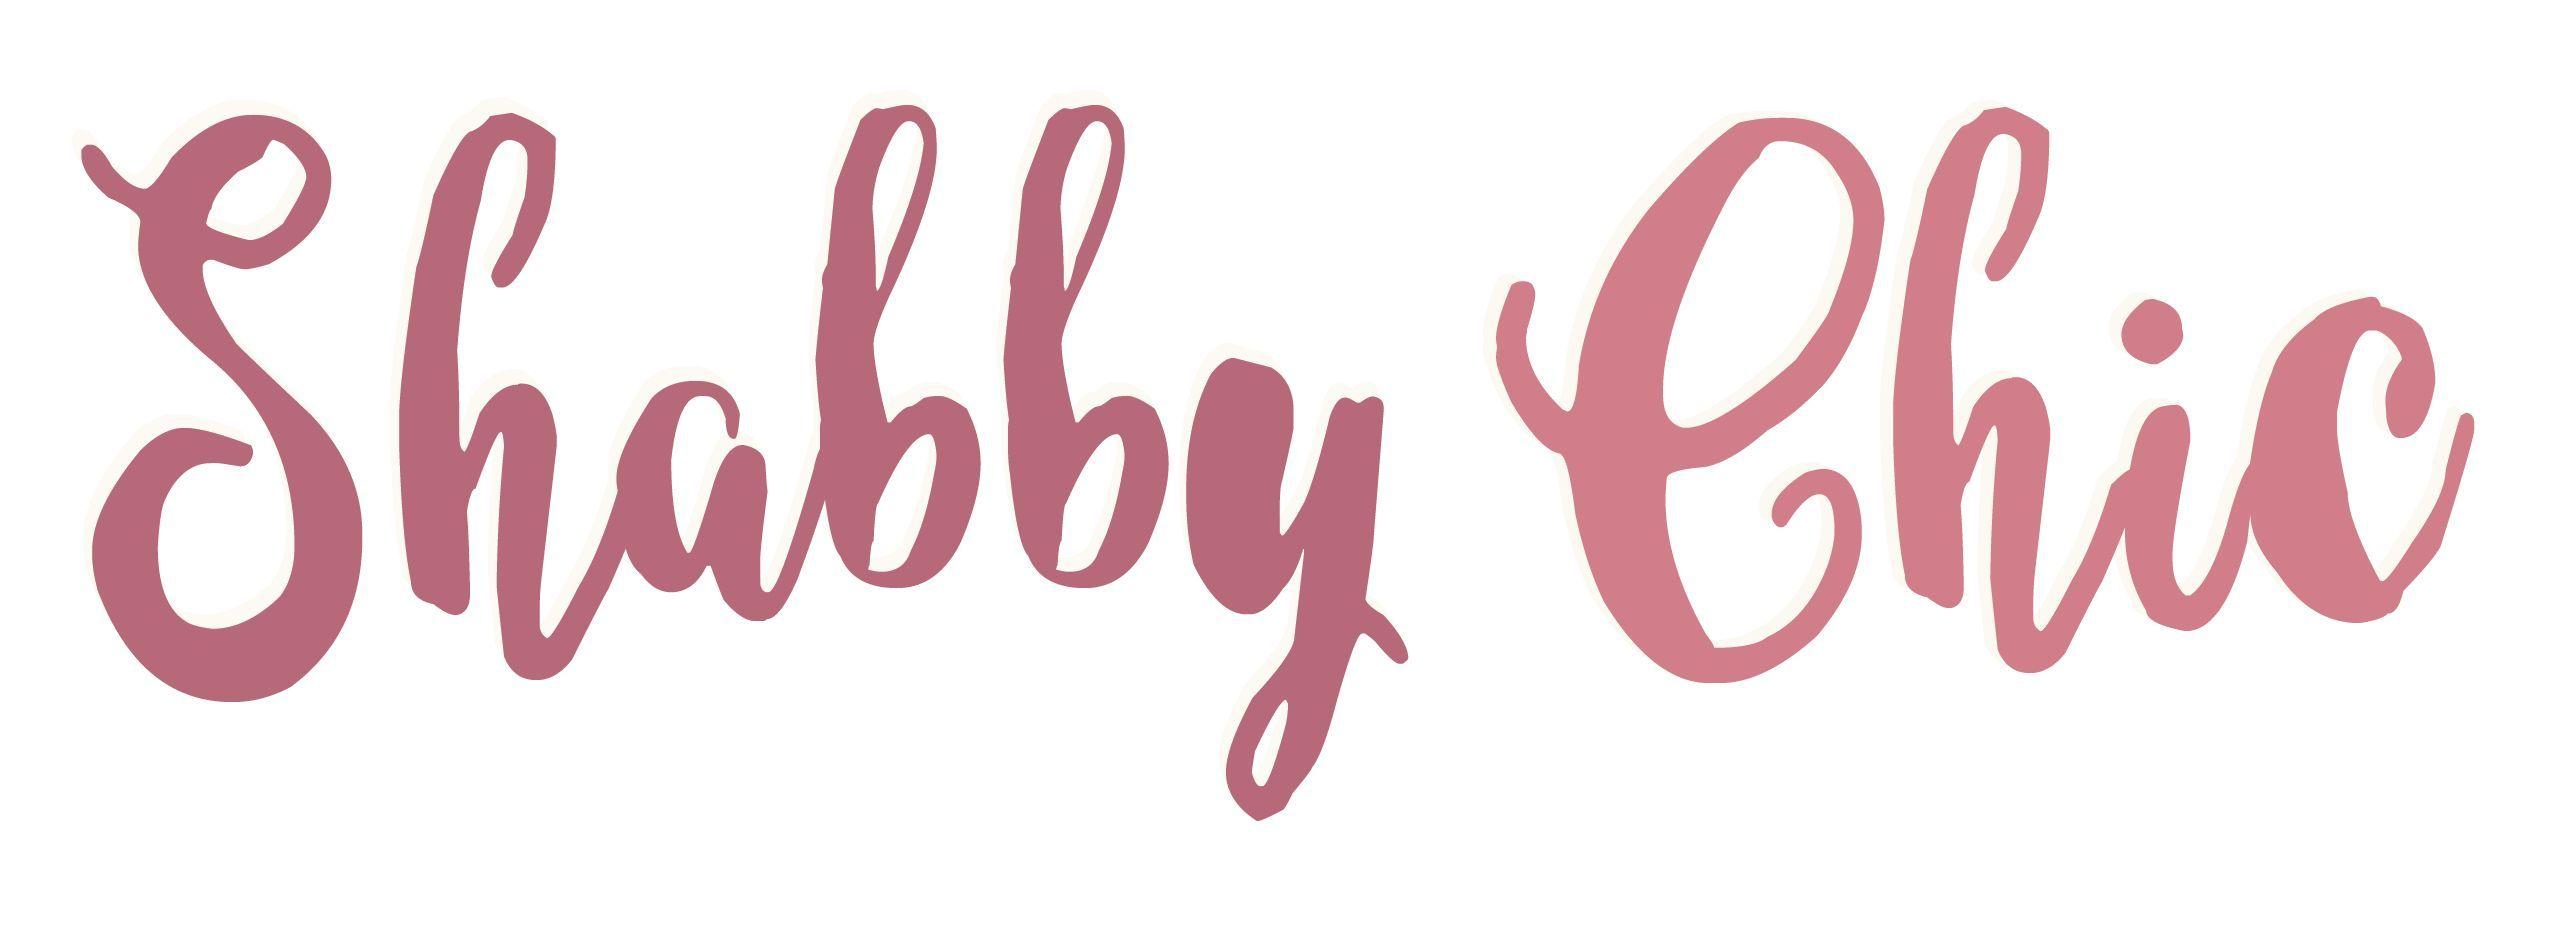 Sara Signature Shabby Chic